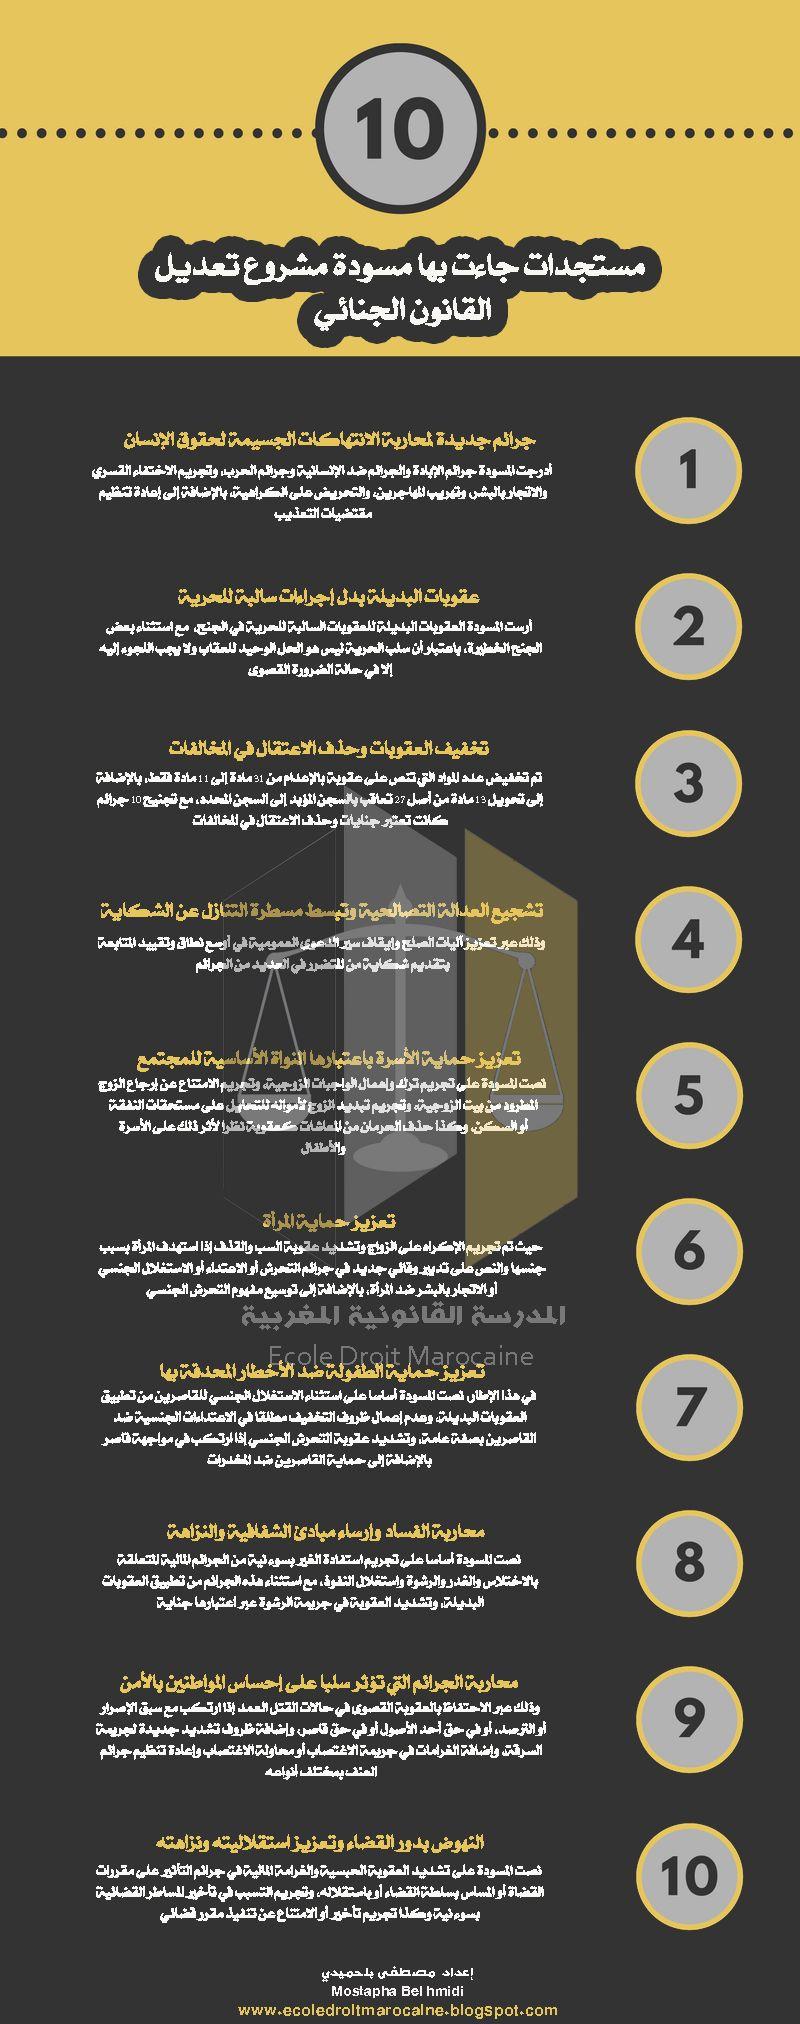 انفوجرافيك 10 مستجدات جاءت بها مسودة مشروع تعديل القانون الجنائي